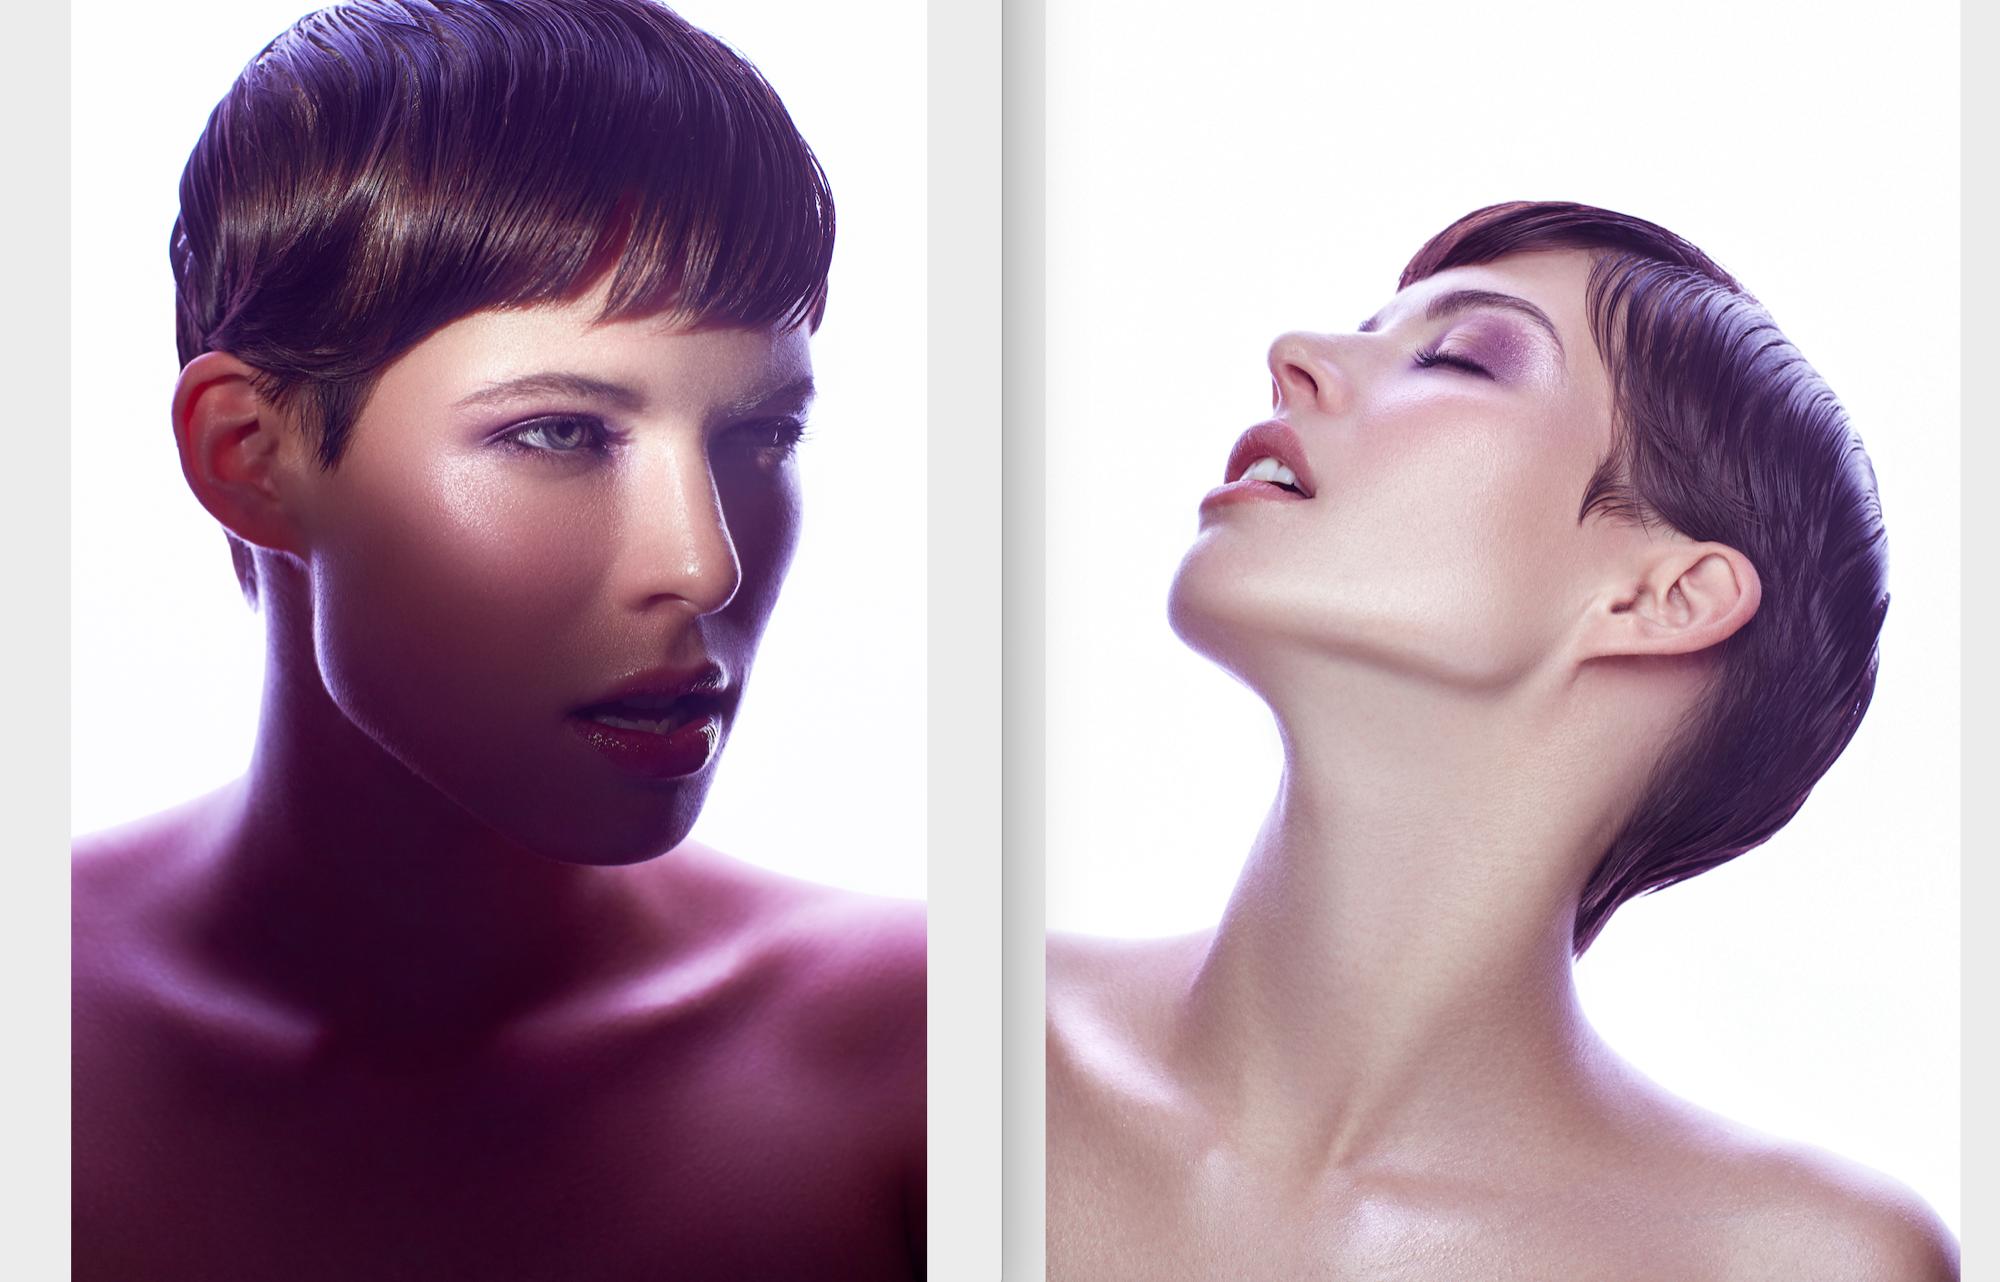 Neue Arbeit von Jelena  - neue-arbeit-von-jelena--ID14523-2.png?v=1576075329